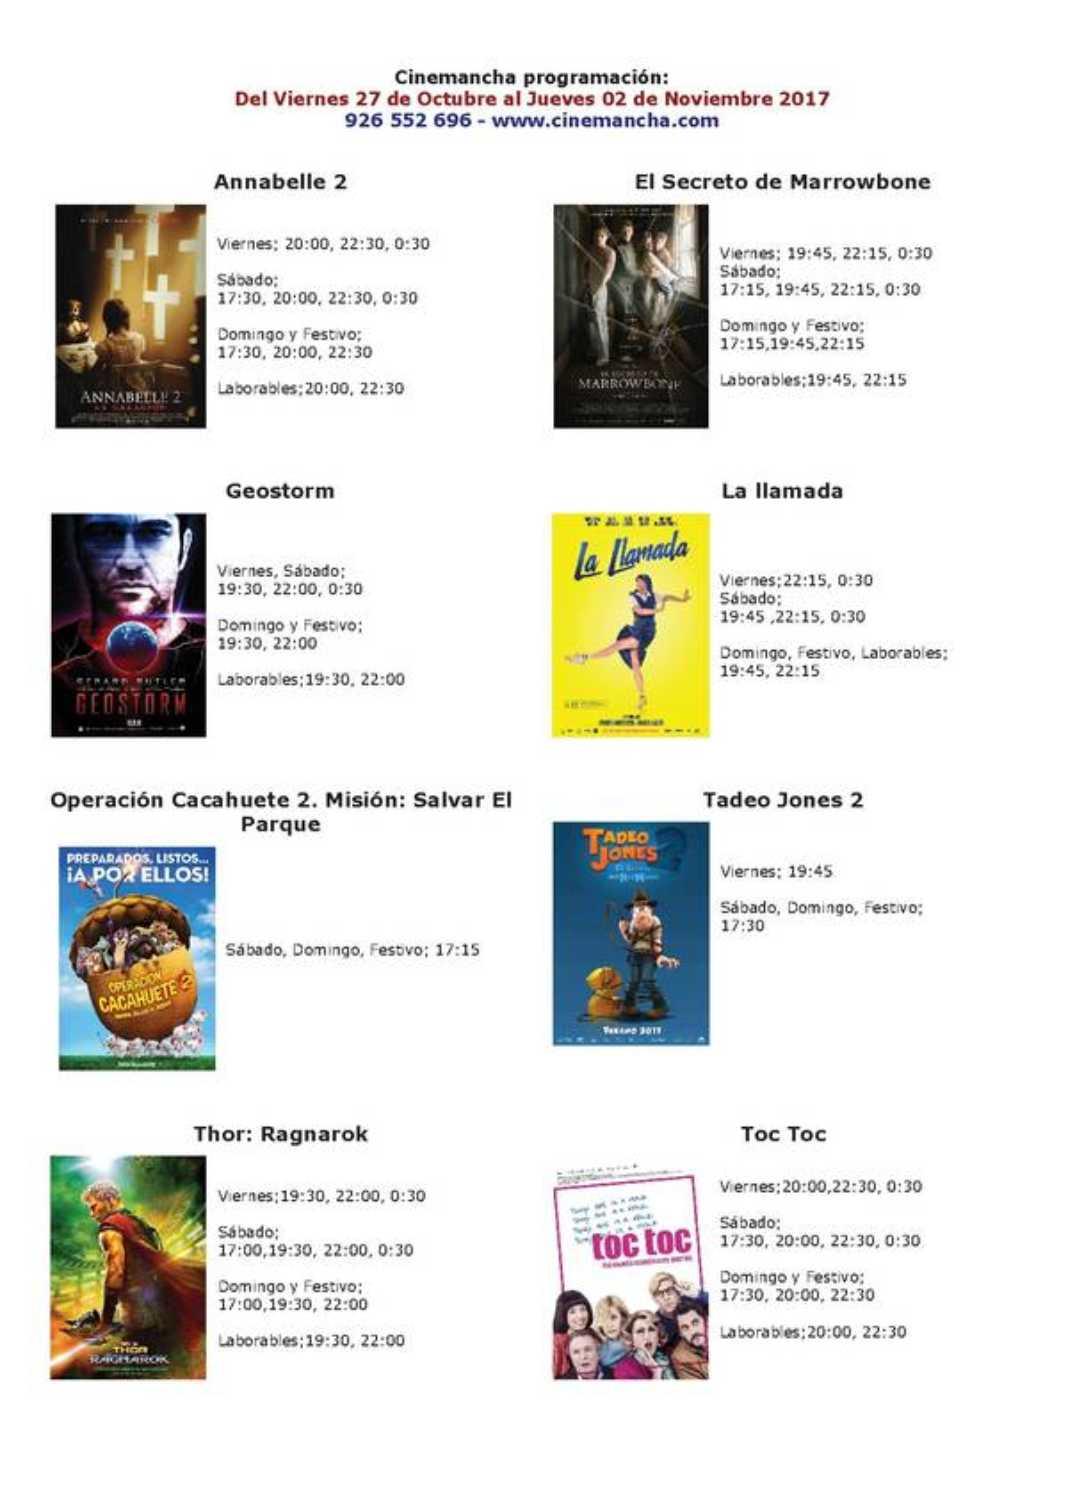 Programación Cinemancha del viernes 27 al jueves 02 2